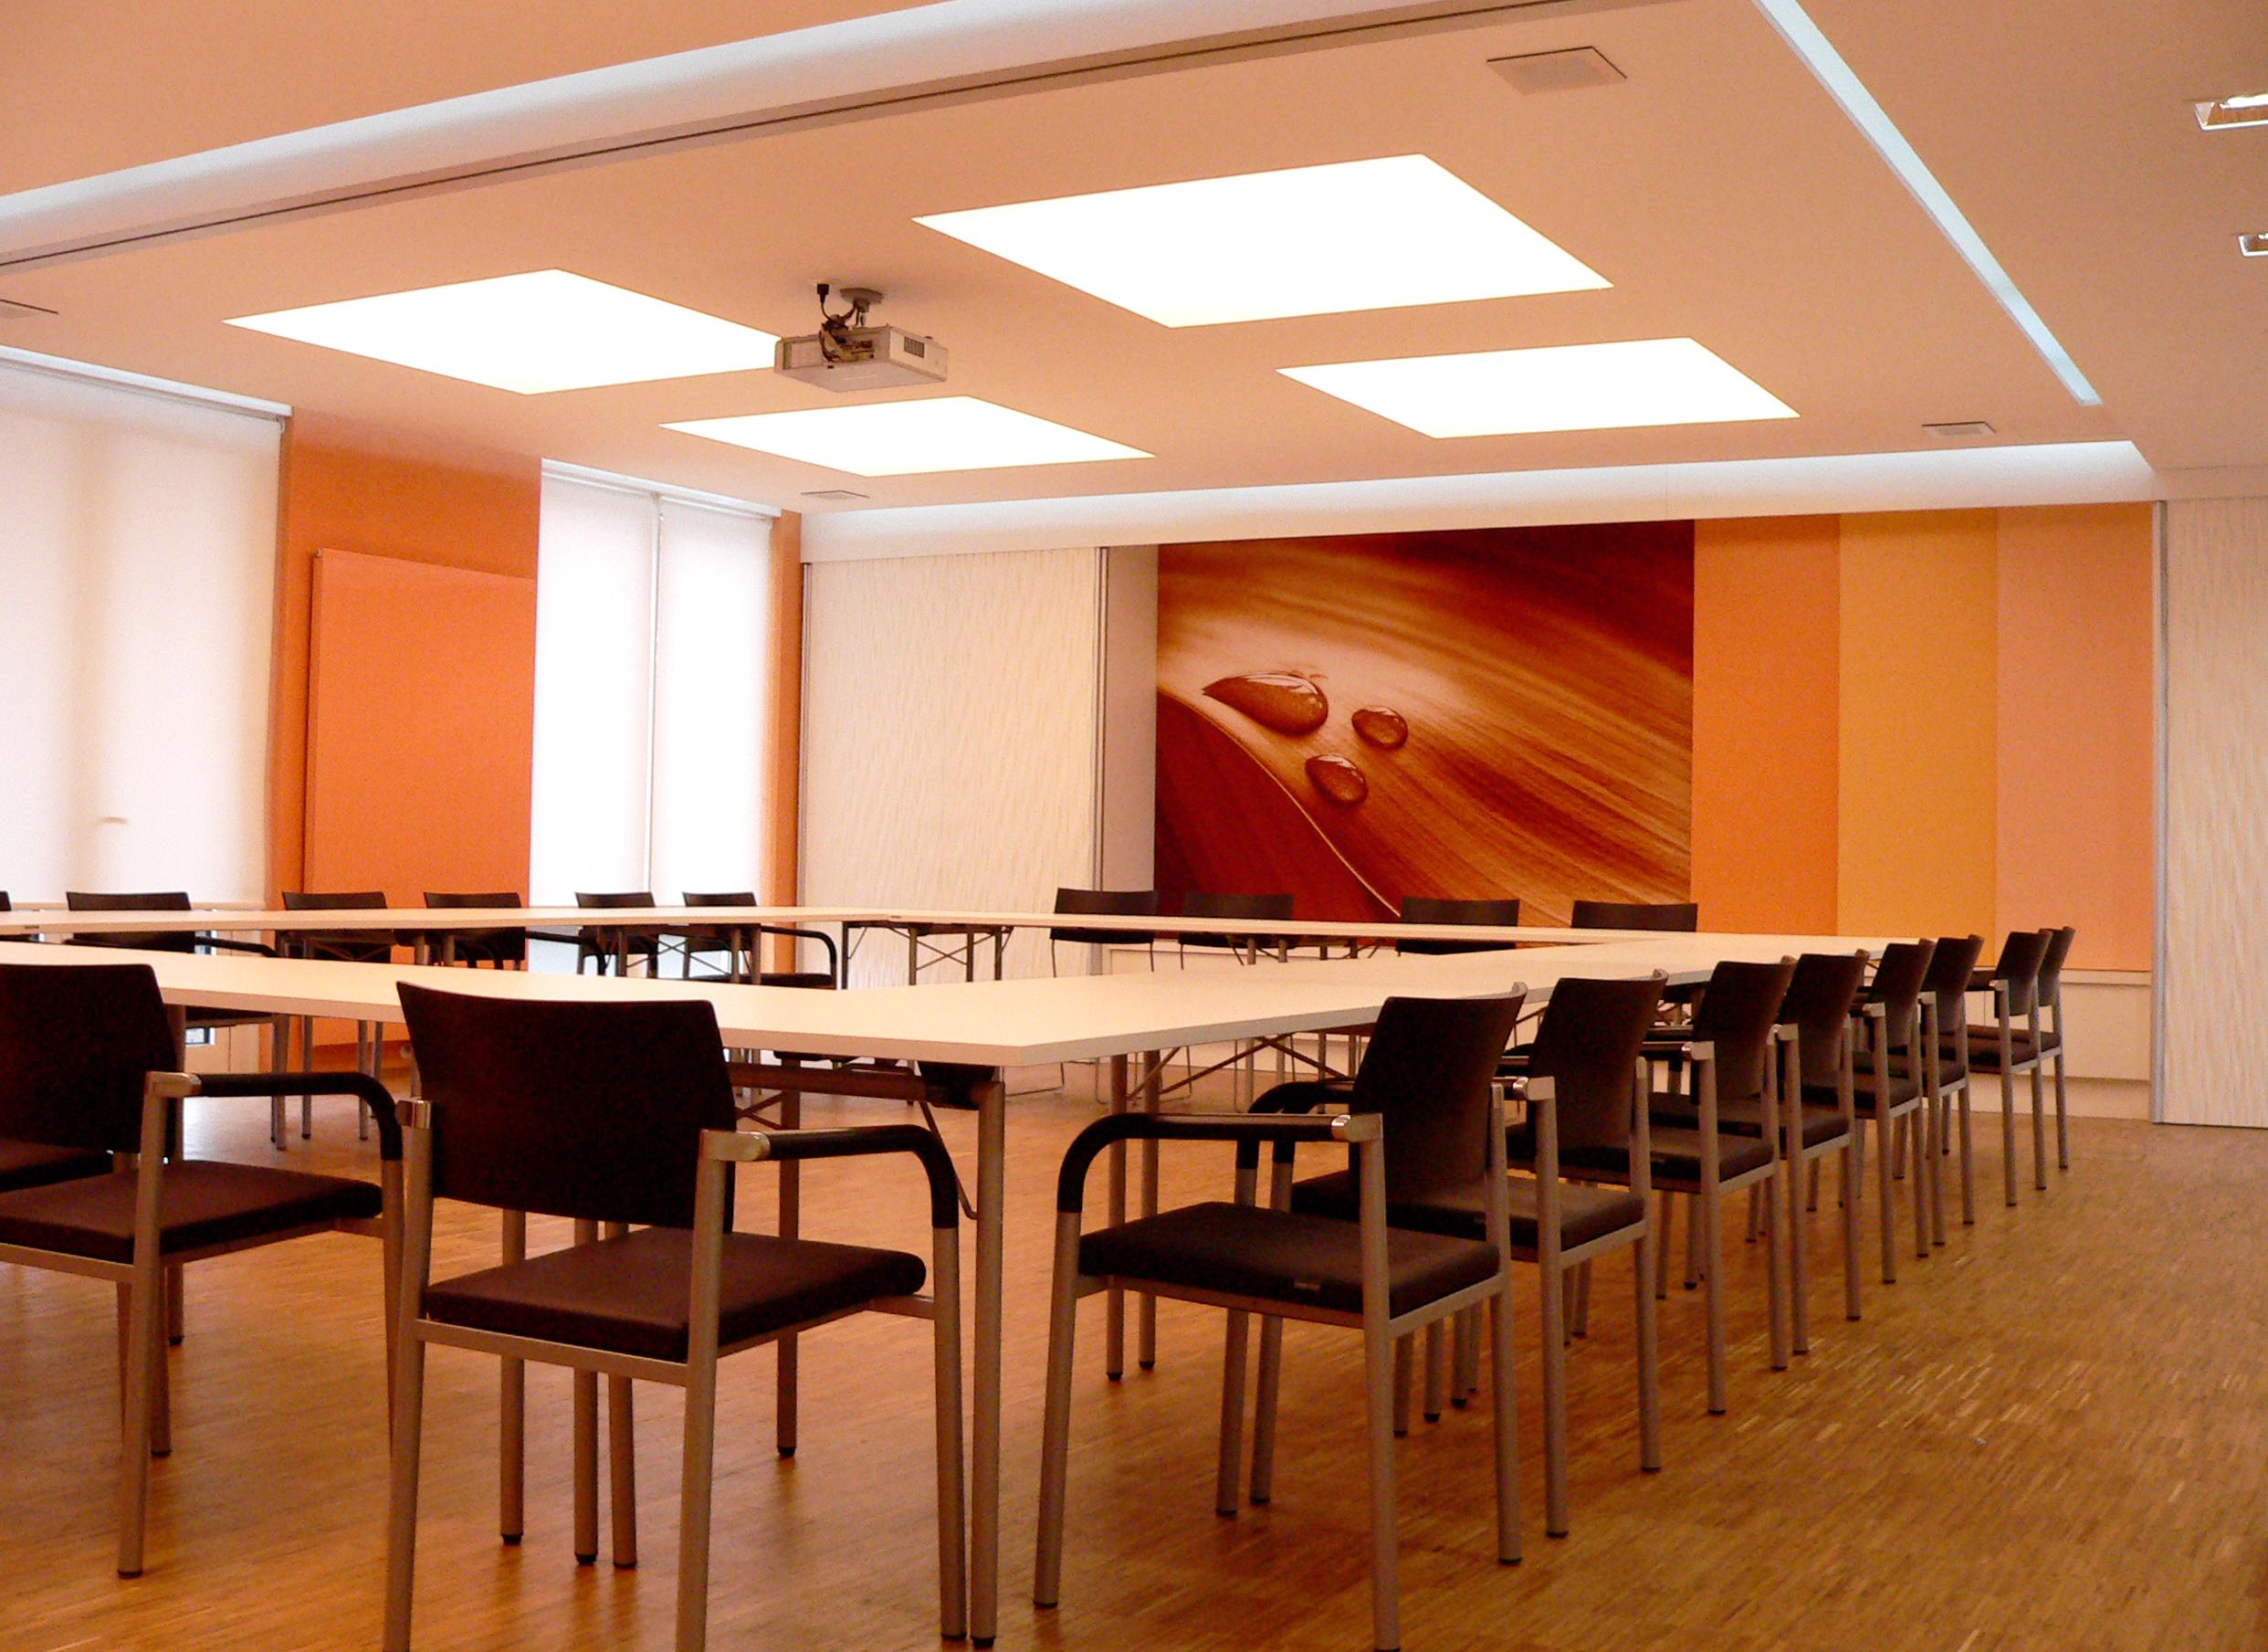 Konferenzsaal b ro f r design innenarchitektur for Design innenarchitektur